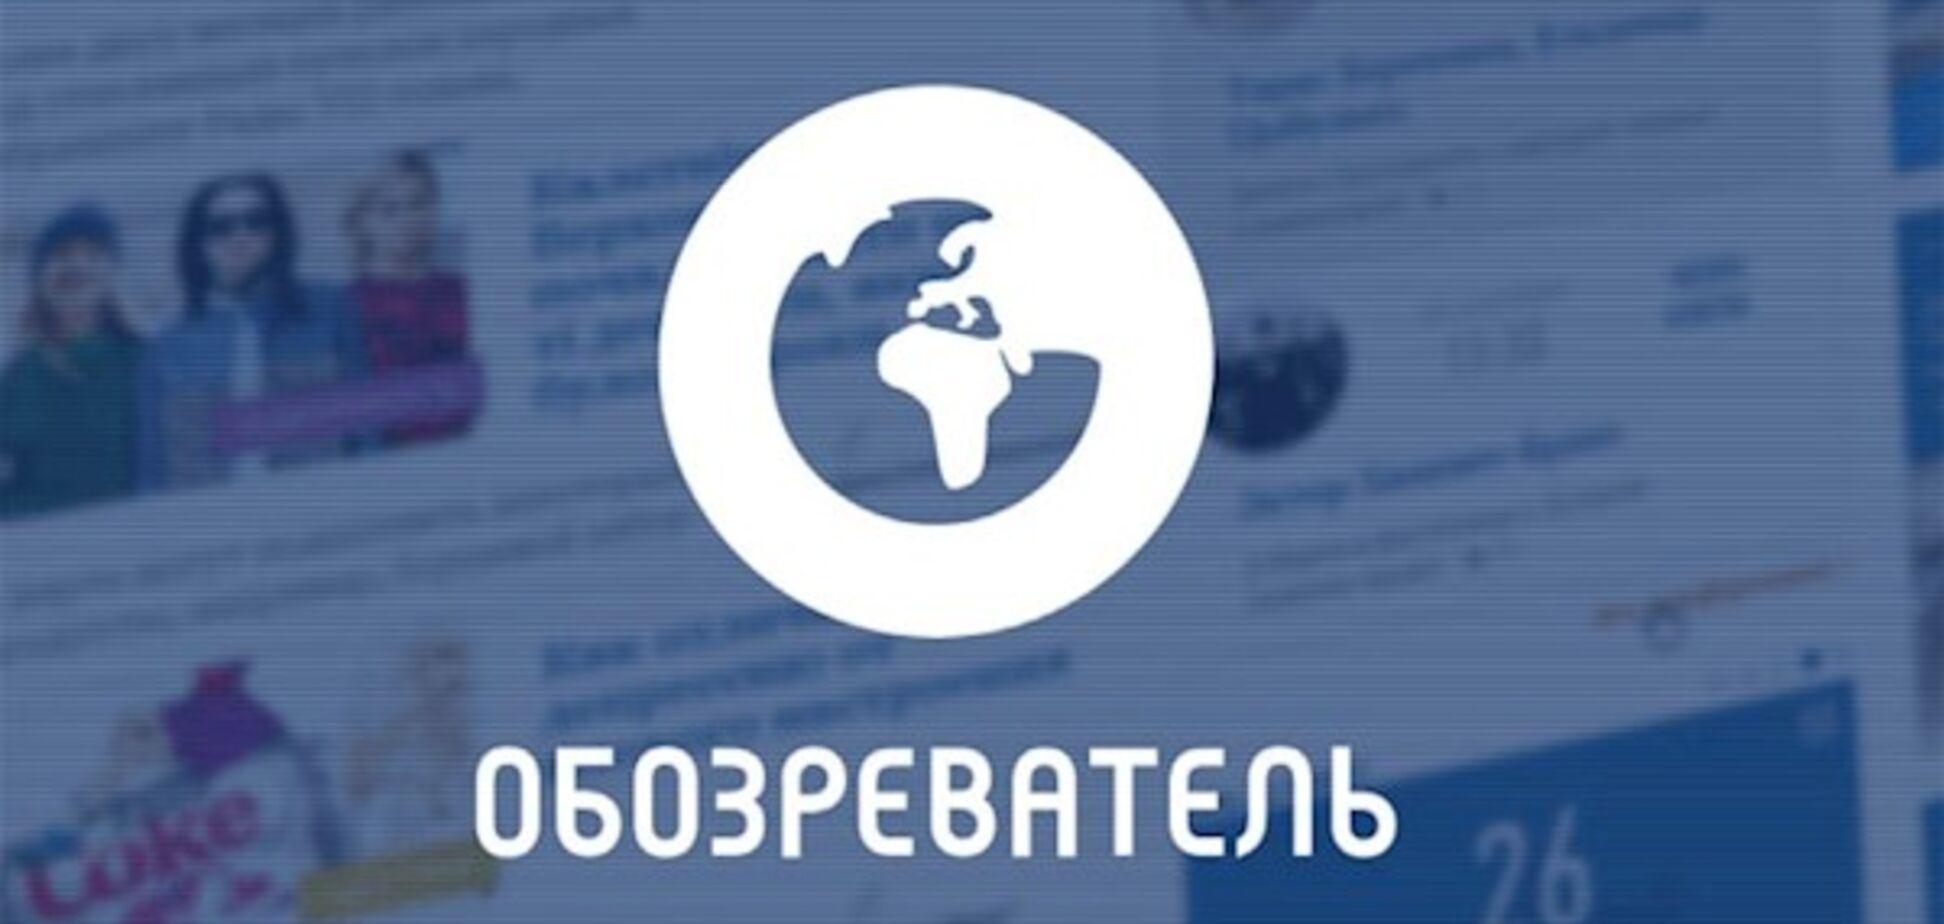 Давление беглого олигарха Фукса не остановит 'Обозреватель': заявление